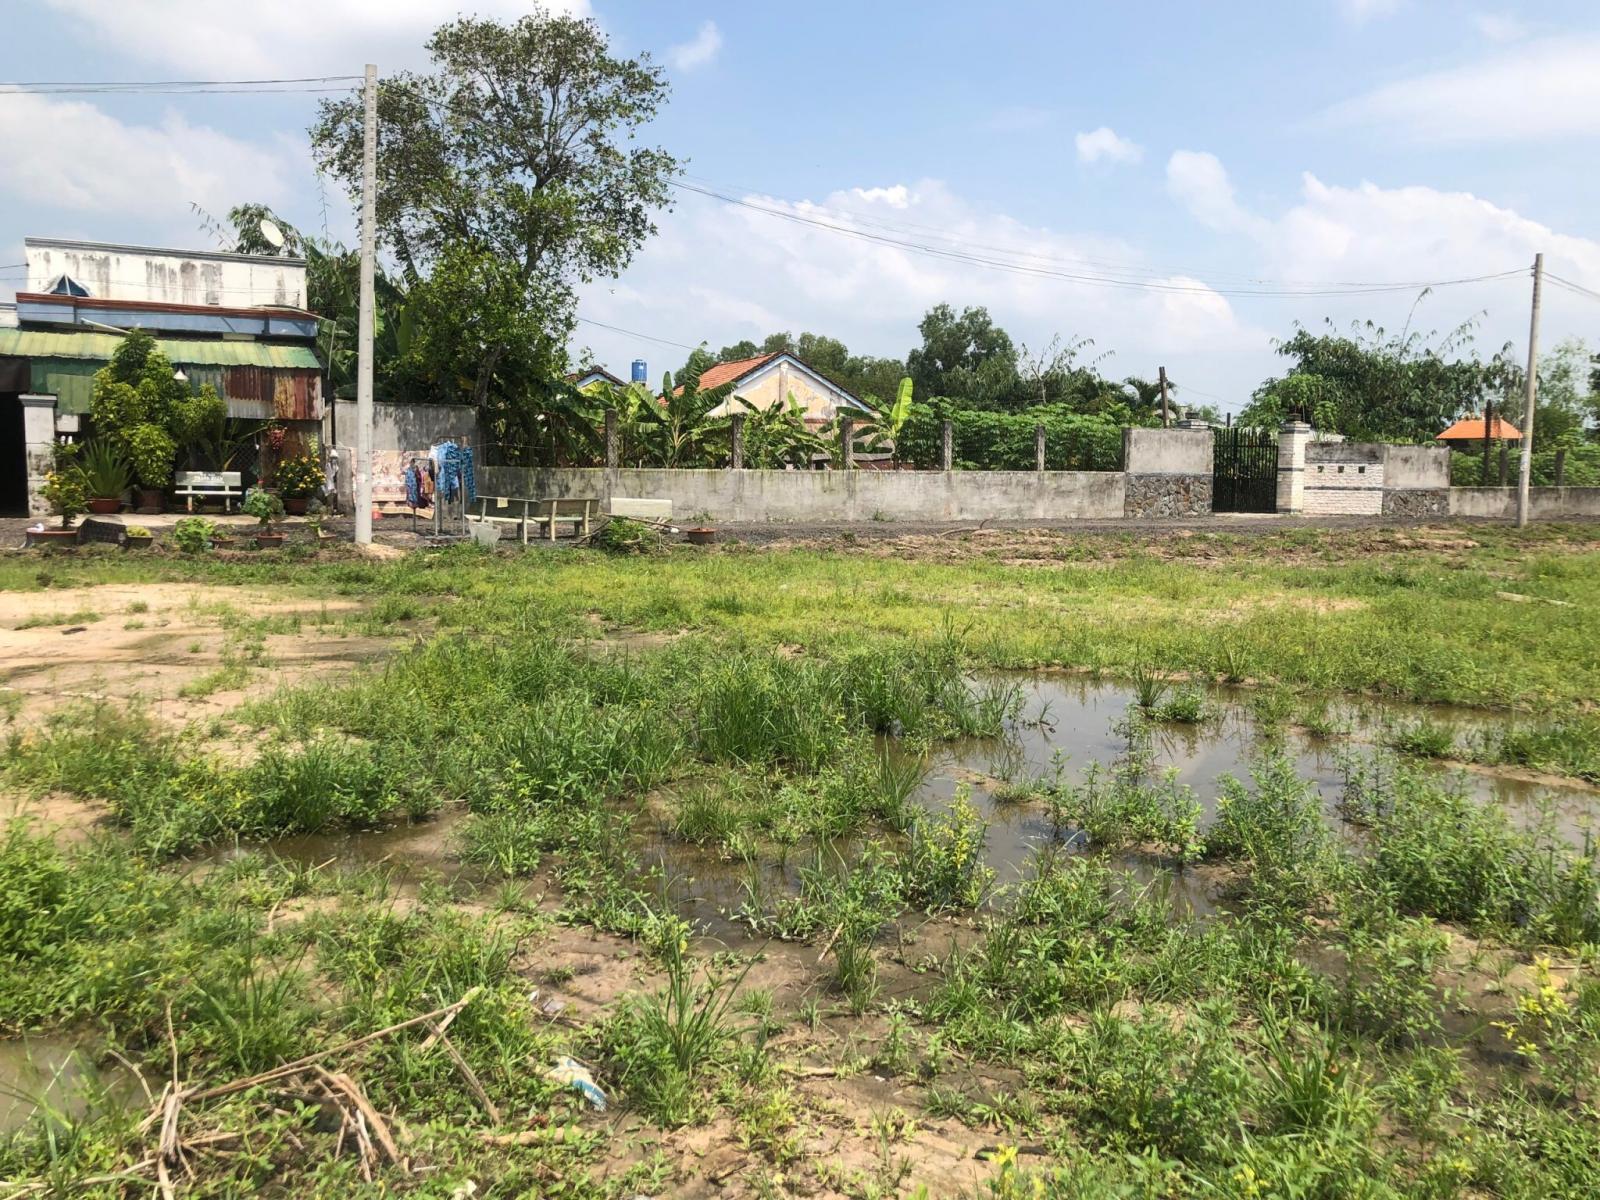 Khu đất nền để trống phủ đầy cỏ, xung quanh là những ngôi nhà.